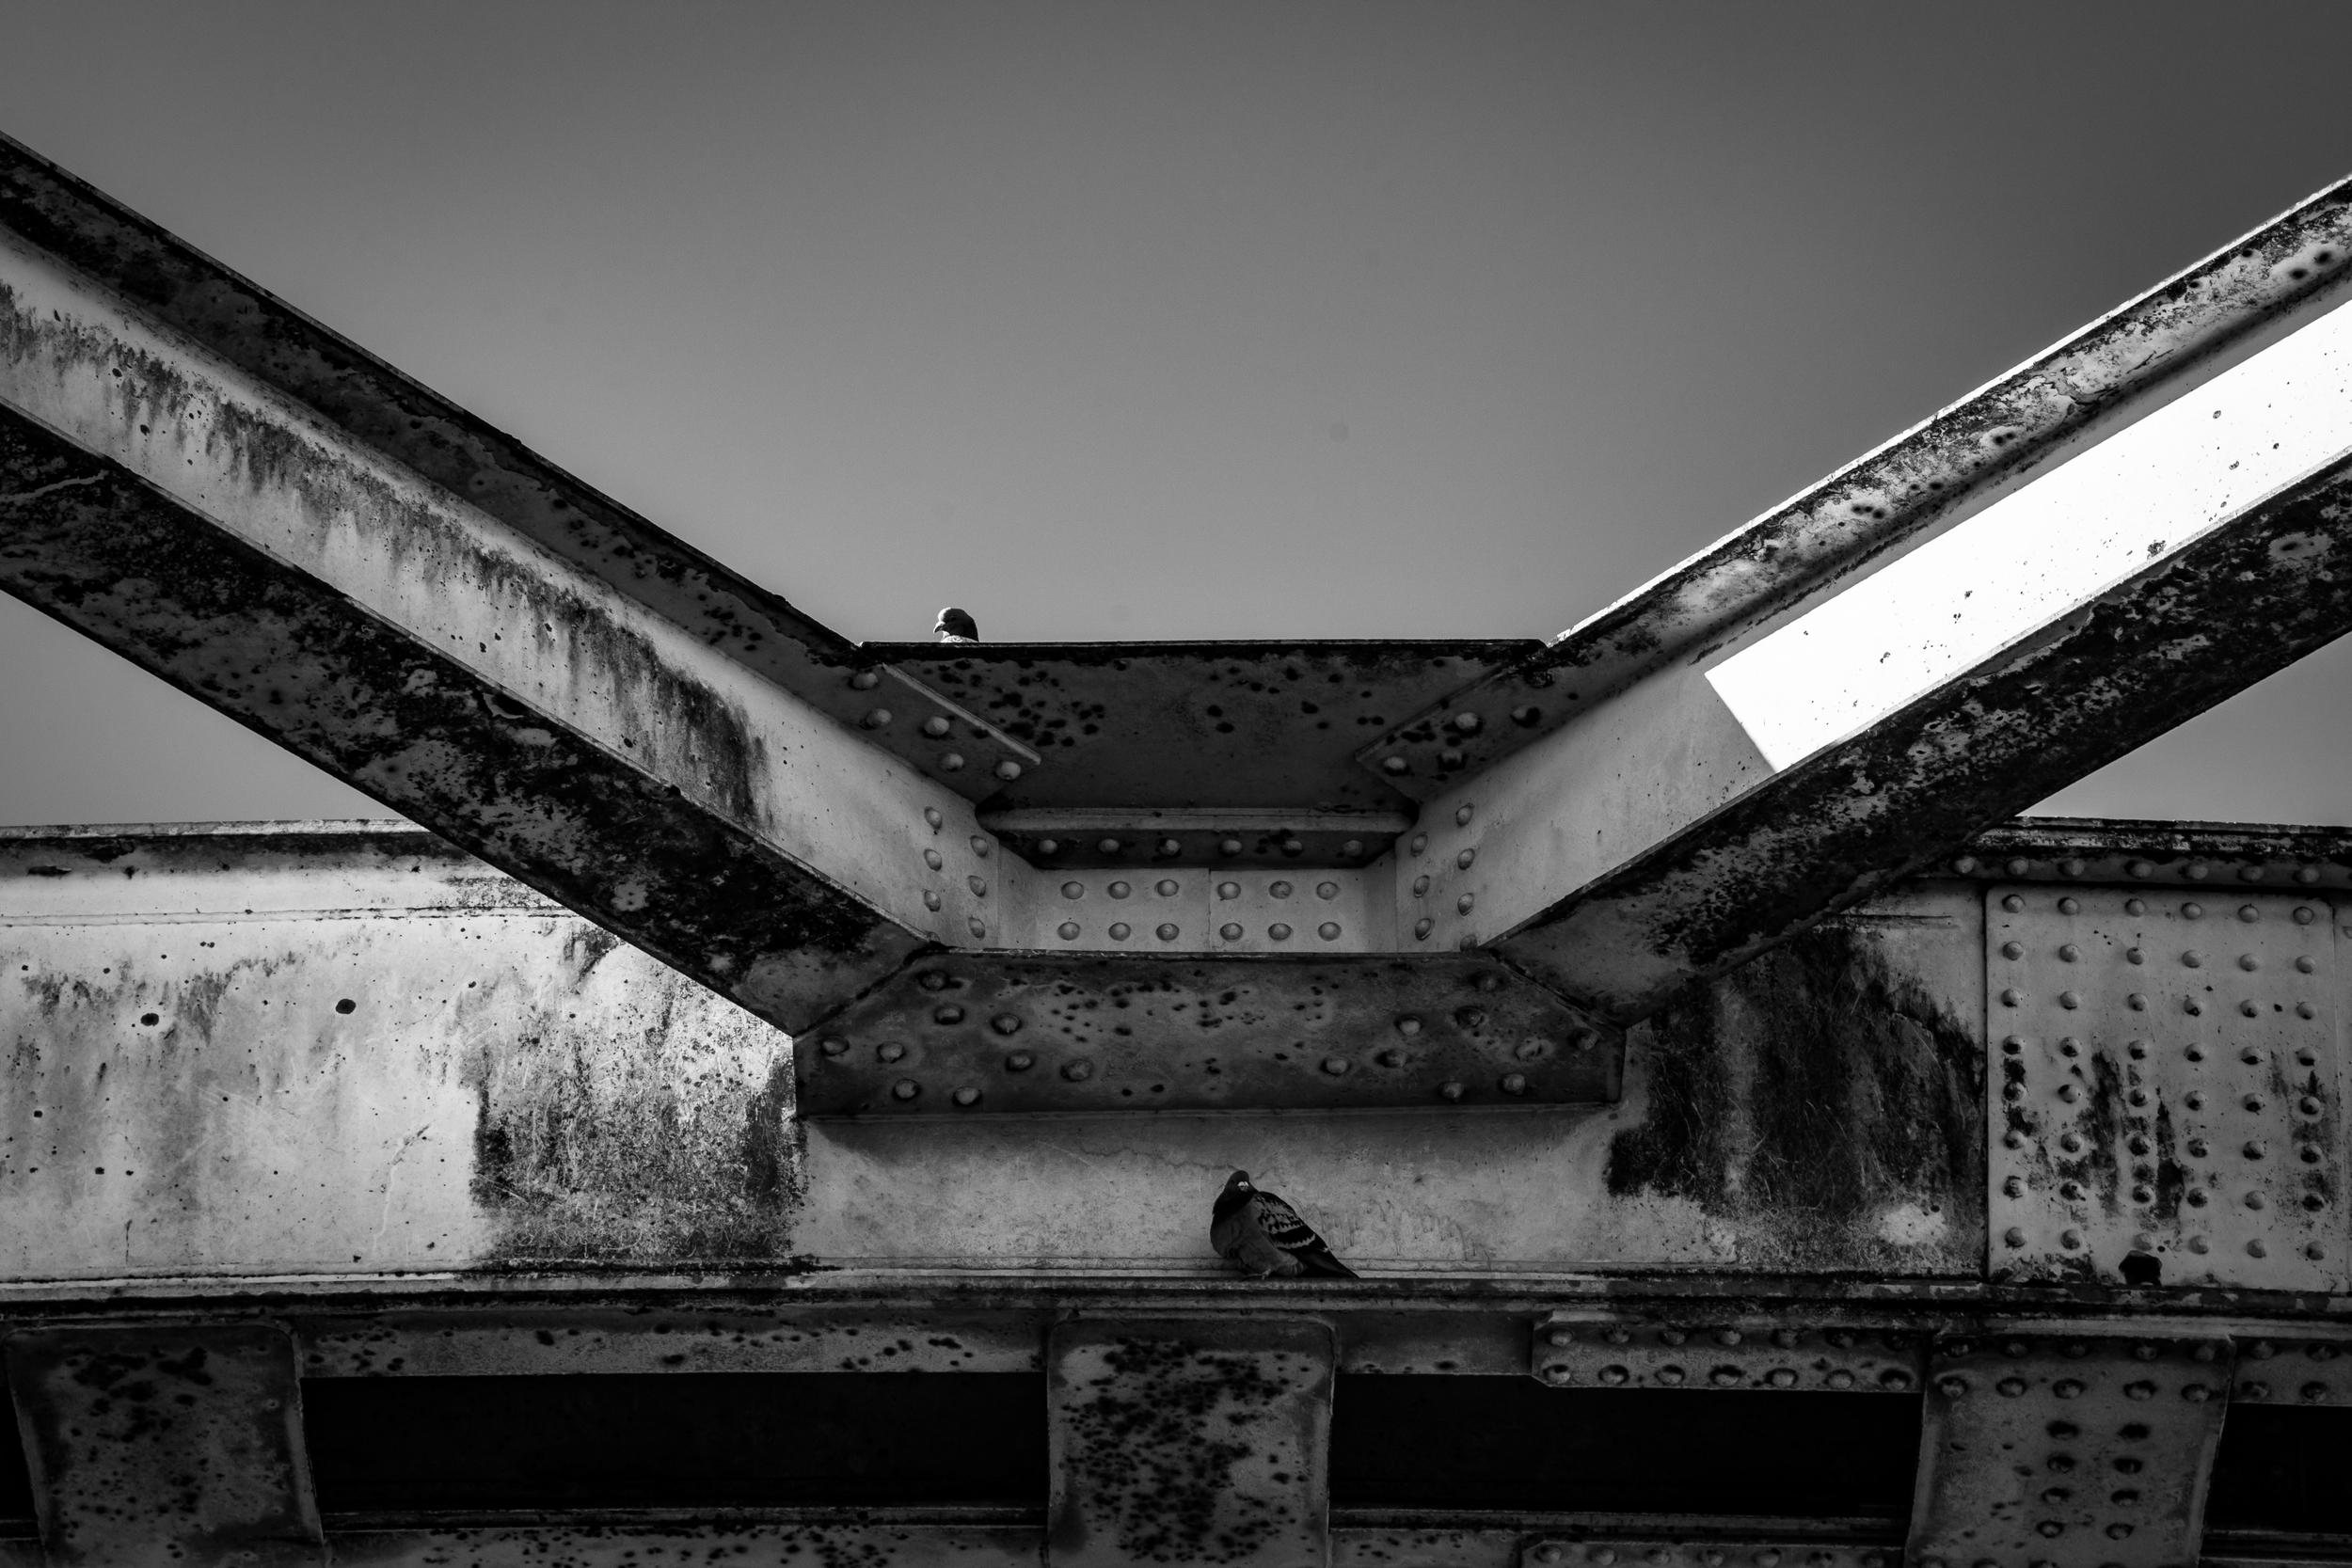 Viewfinder-looks-like-Viviane-Maier-pigeon-bridge-duif-Hansbeke-brug.jpg